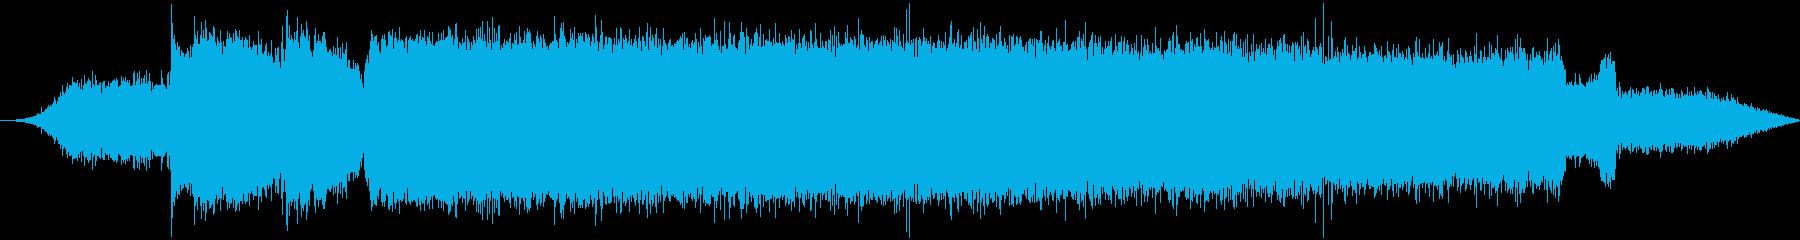 大型ディーゼルエンジンセメントカッ...の再生済みの波形